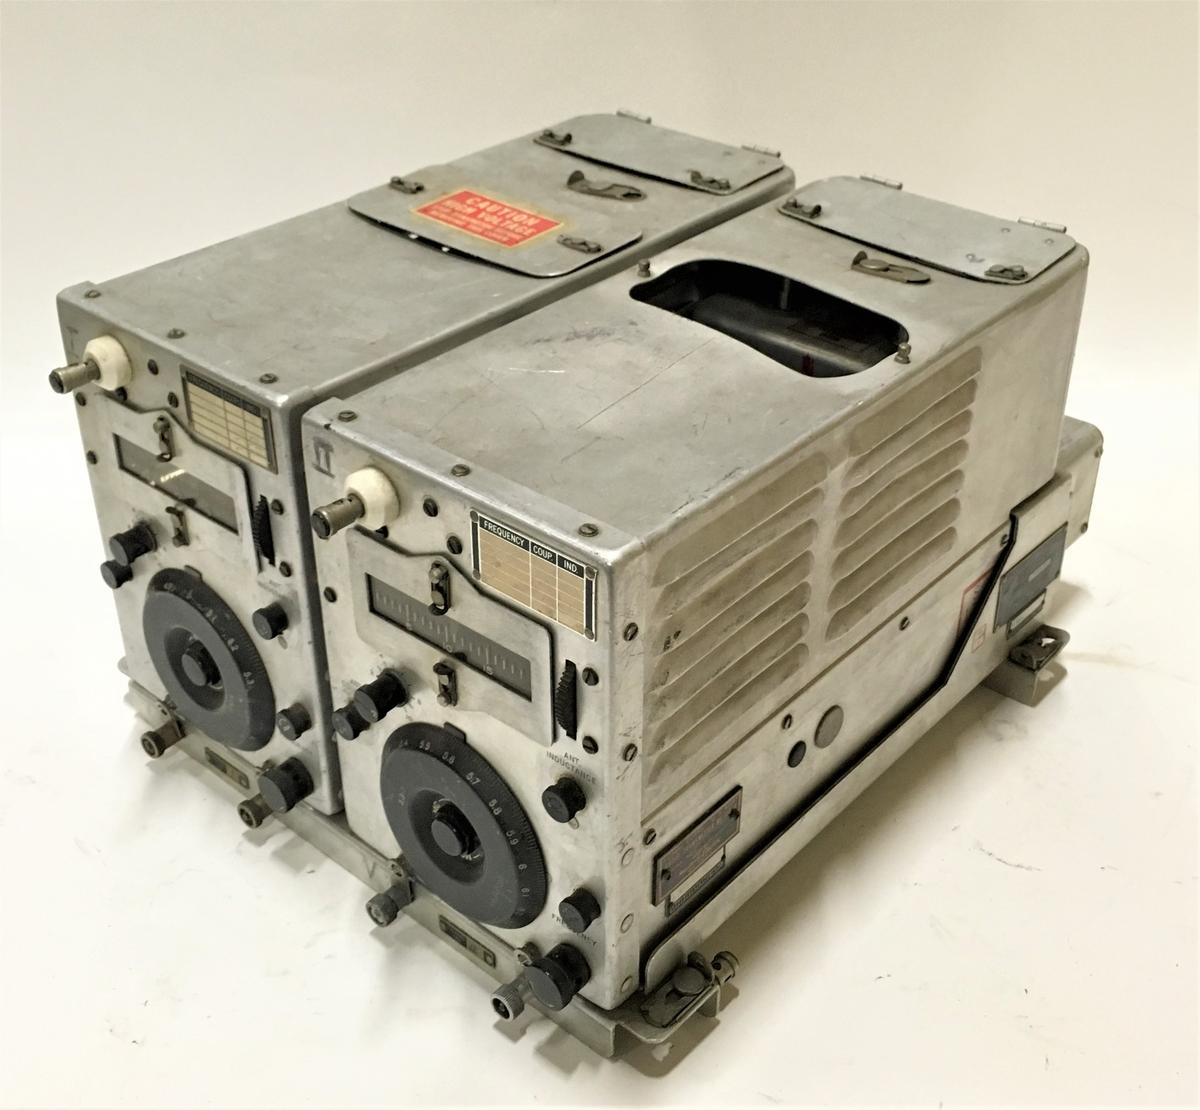 Radiosändare, Signal Corps Radio Transmitter BC-457-A och BC-458-A. Monterade i Signal Corps Rack FT-226-A. Ingår i system SCR-274. 1940-tal. Kommer sannolikt från Tp 79.